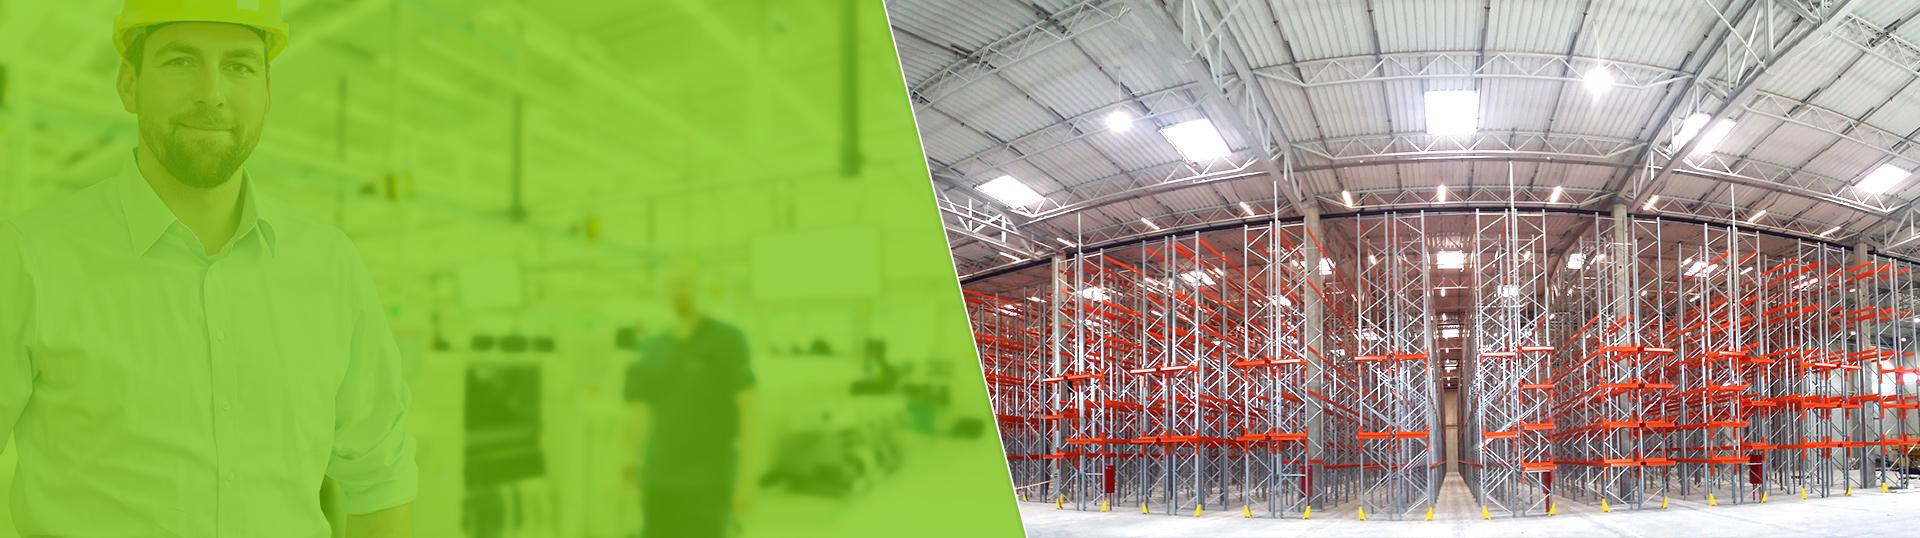 Inteligentny system oświetlenia przemysłowego